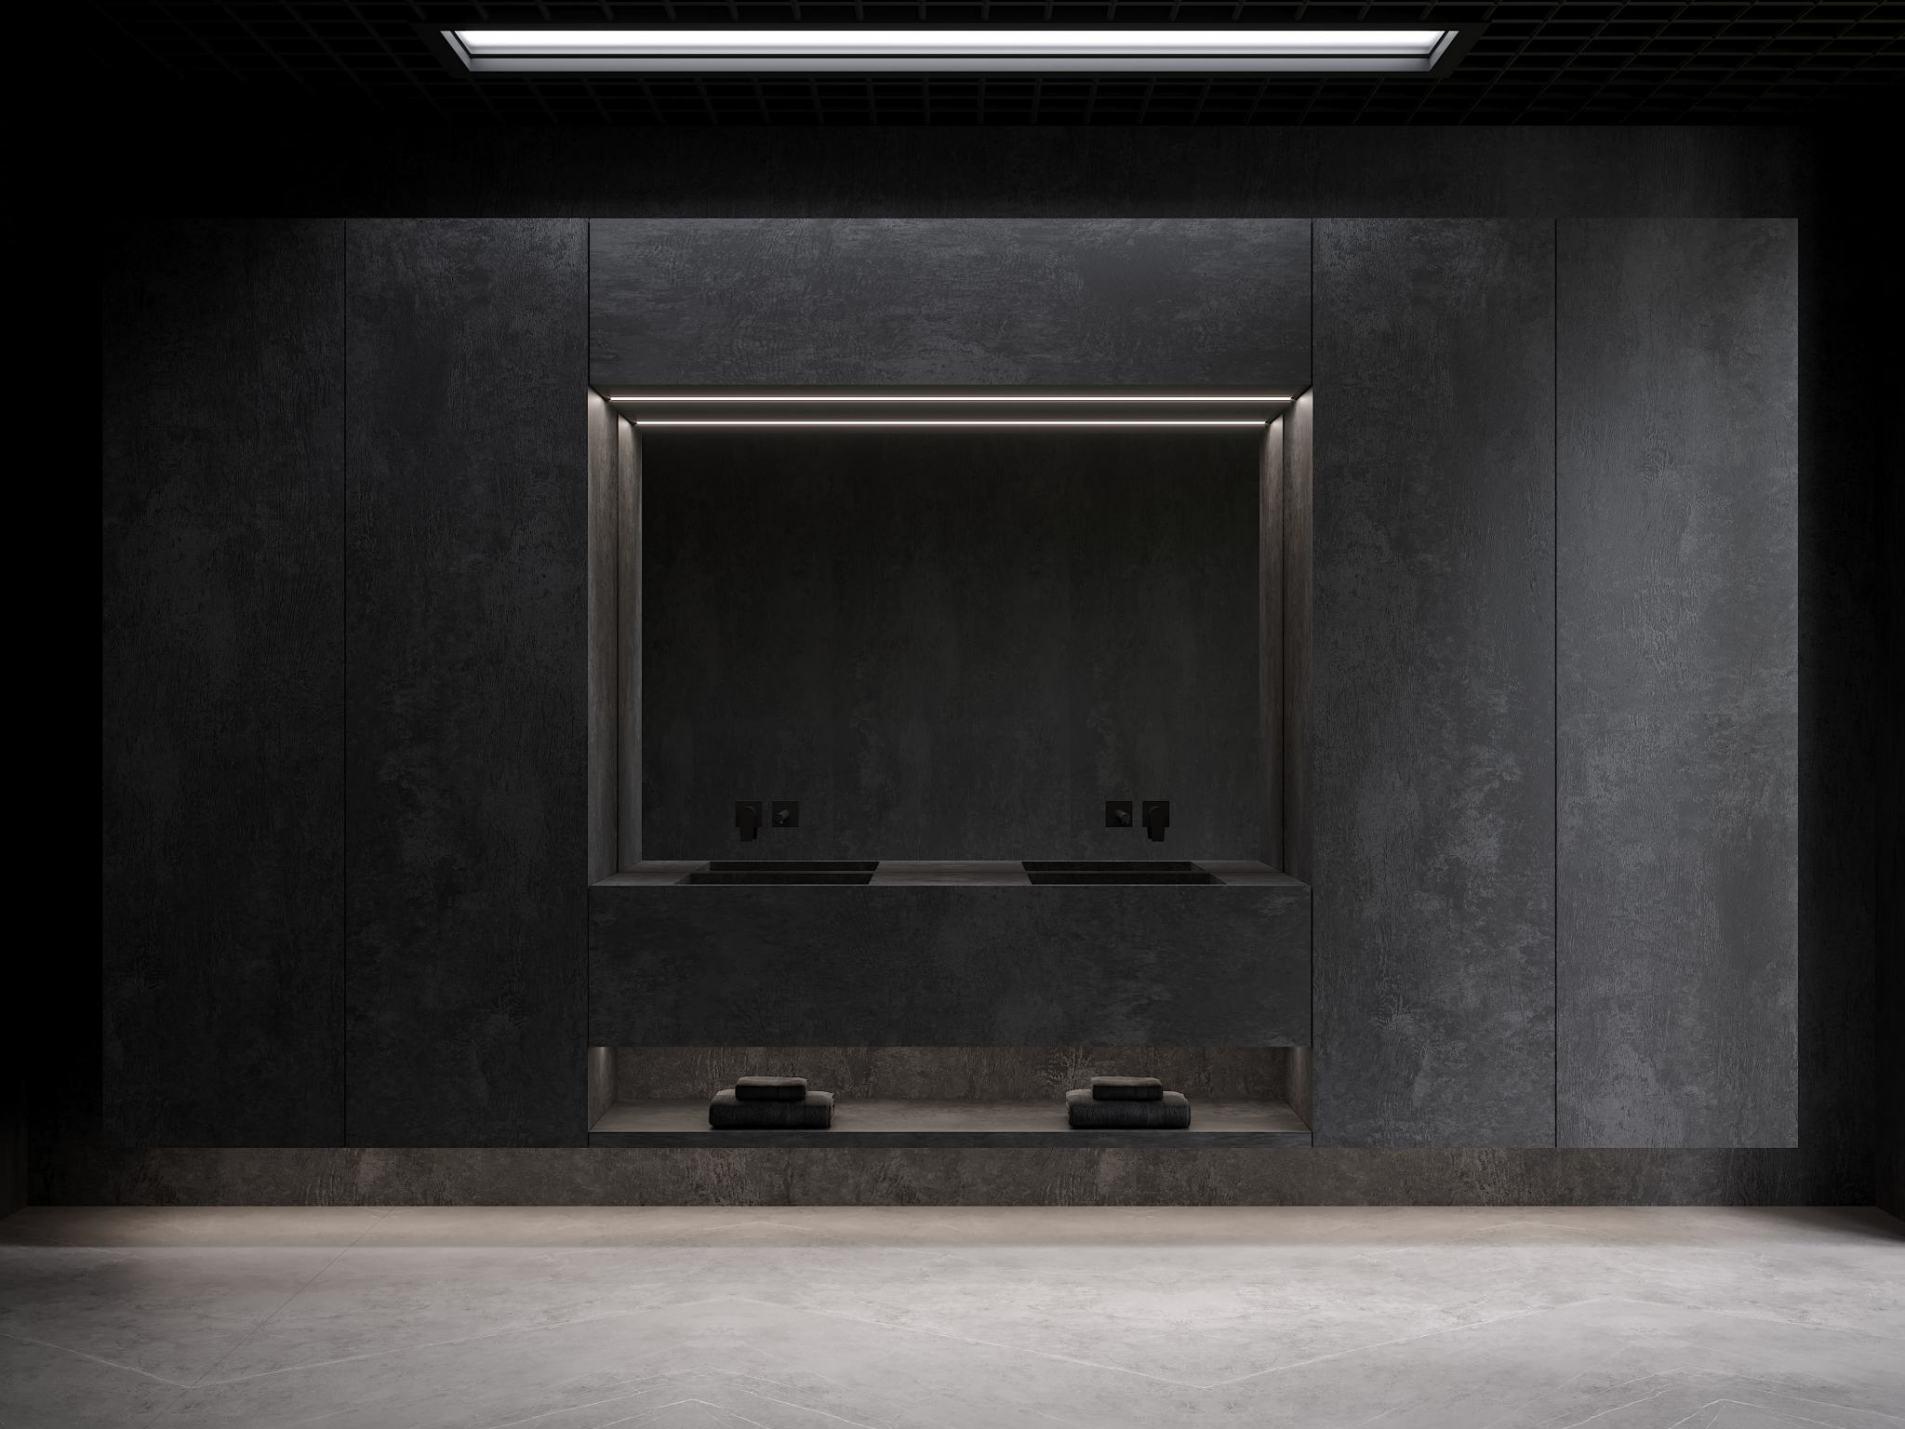 kitchen_studio_monolith_6